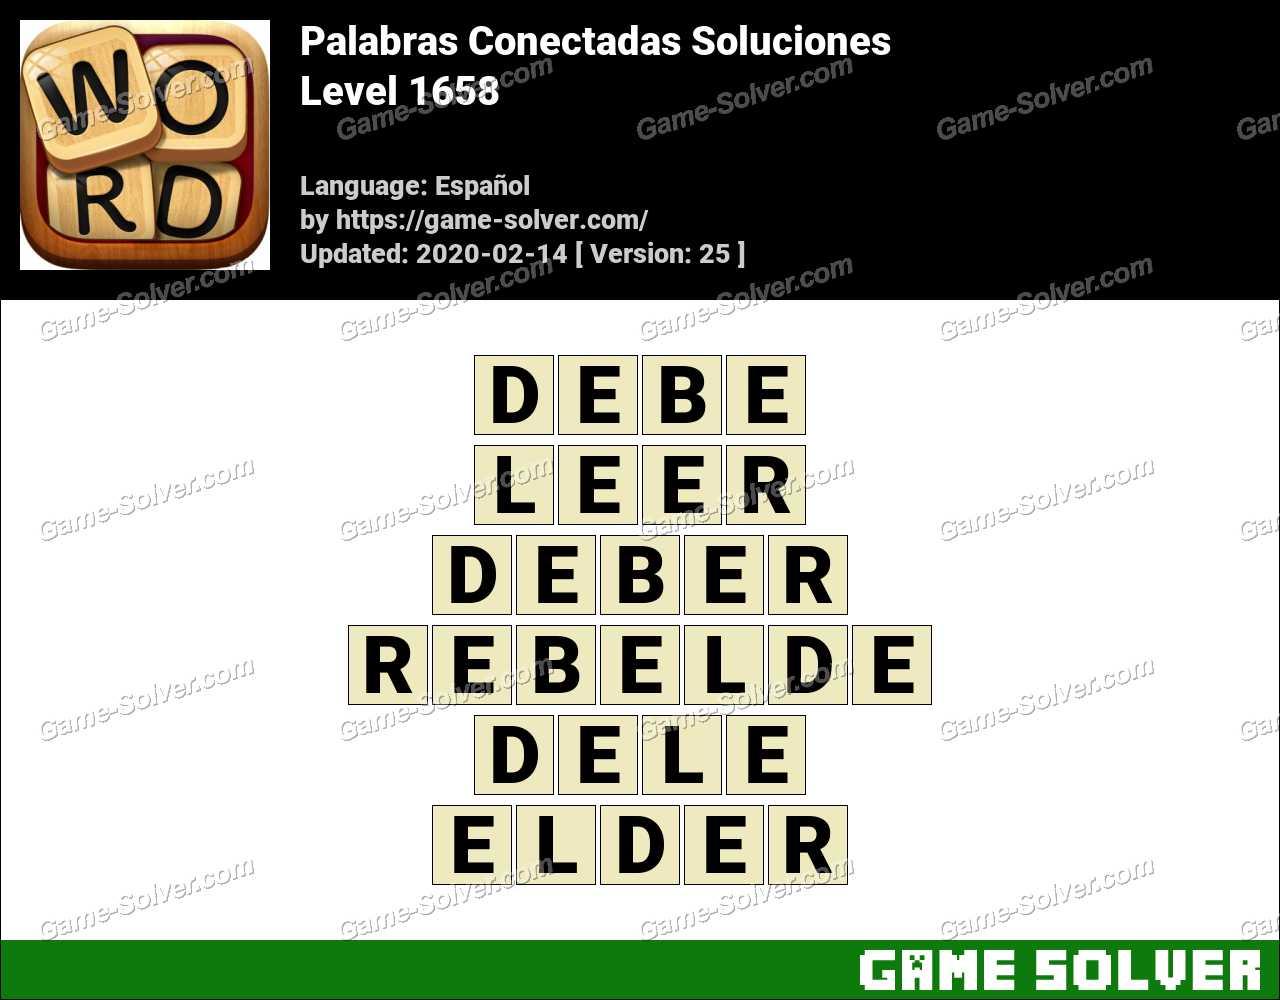 Palabras Conectadas Nivel 1658 Soluciones